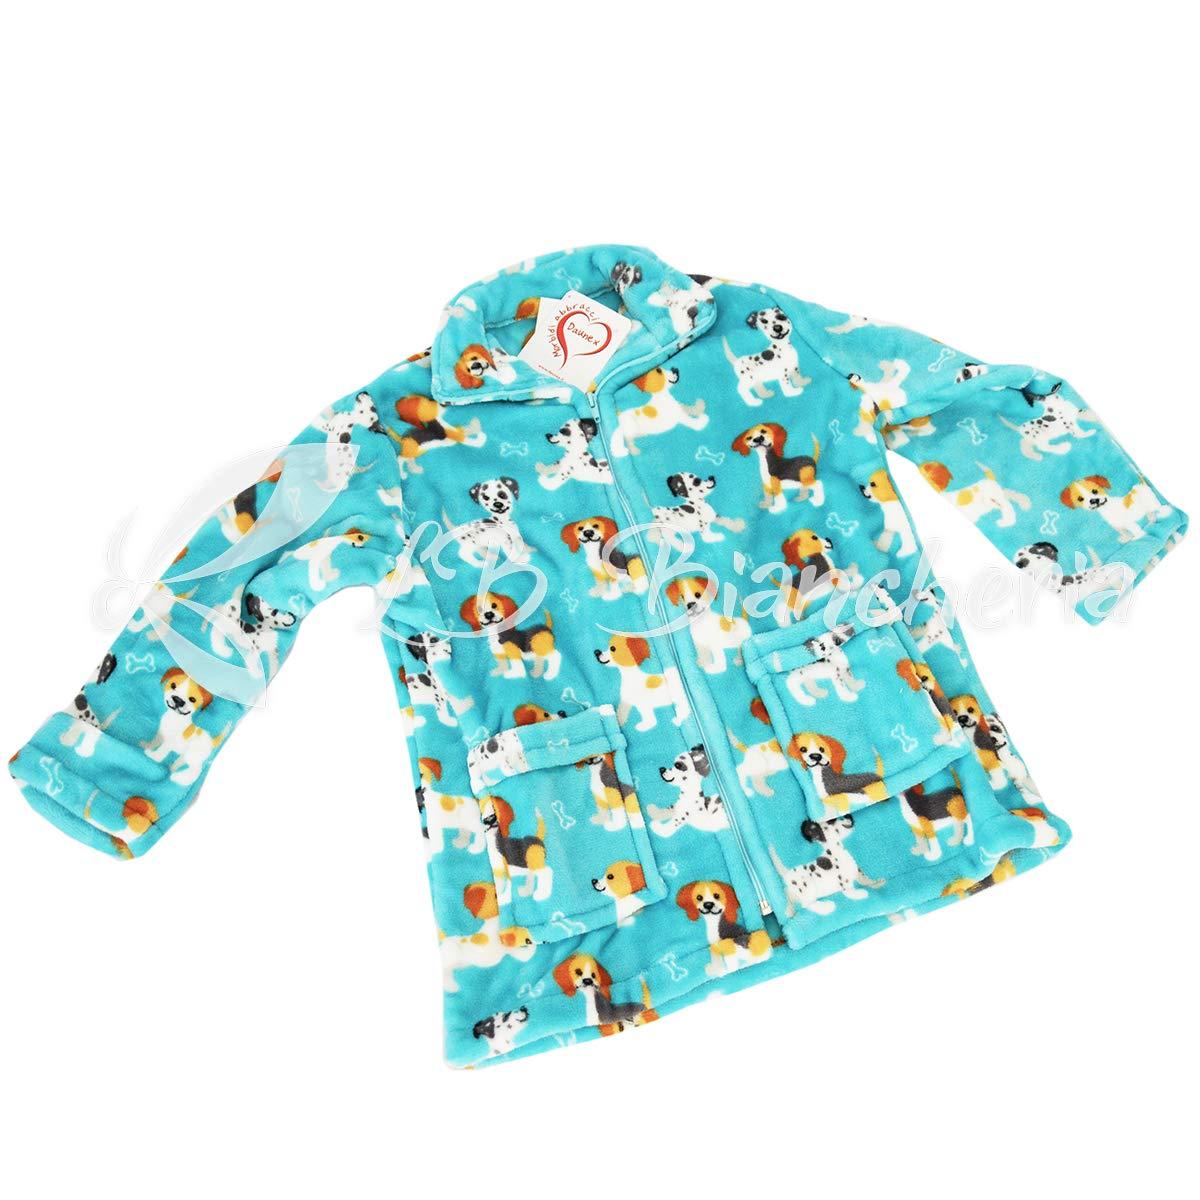 Azzurro R.P Vestaglia Felpa Giacchetta Bimbo in Morbida ciniglia Morbidotto Dalmata Baby Daunex 8-10 Anni TG